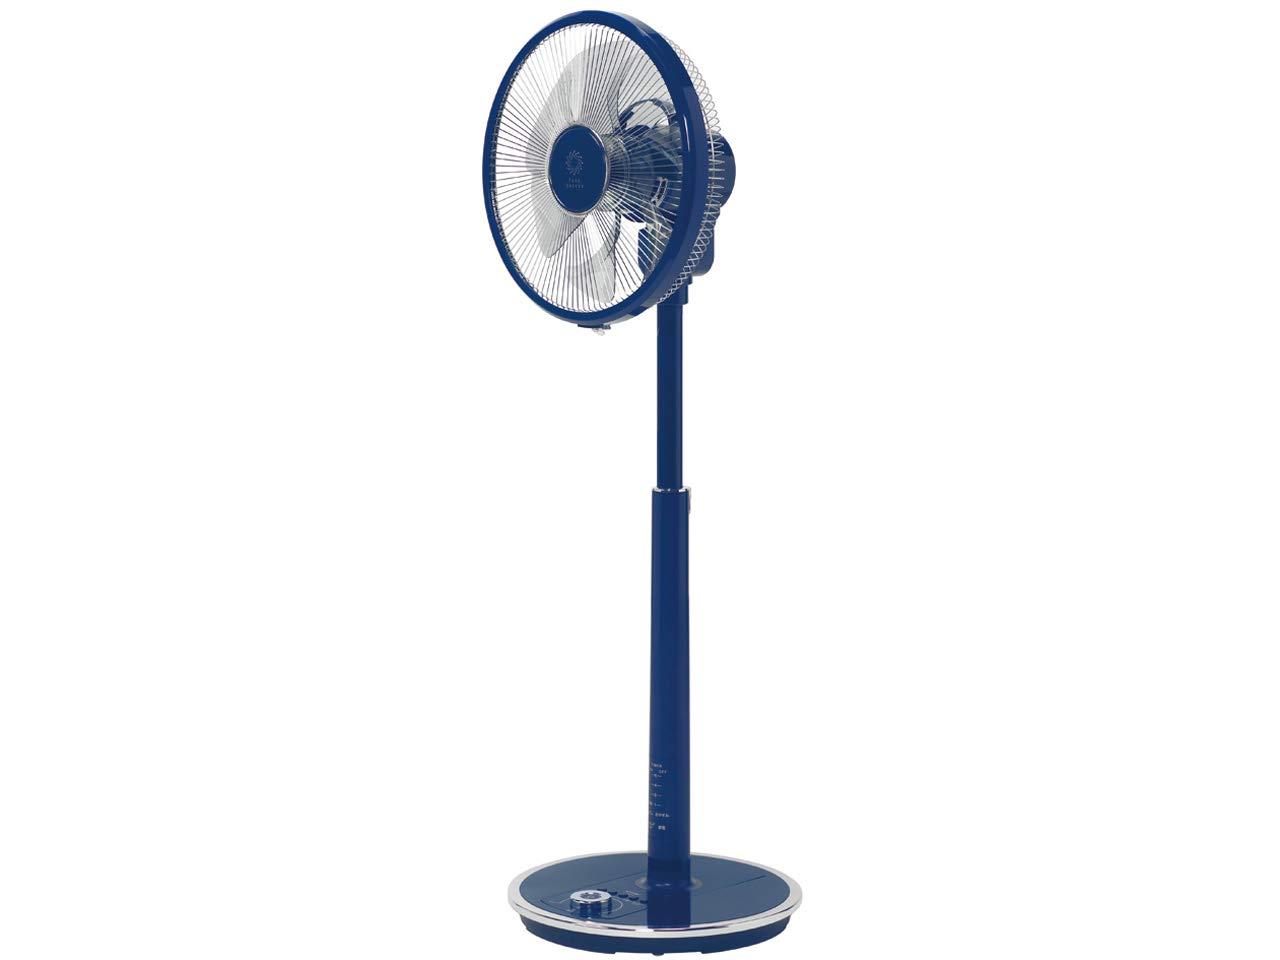 愛用 トヨトミ トヨトミ ハイポジション扇風機 FS-D30JHR(A) DCモーター DCモーター ブルー FS-D30JHR(A) ブルー B07N8VW3M4, newRYORK(ニューリョーク):b5ecc50f --- yelica.com